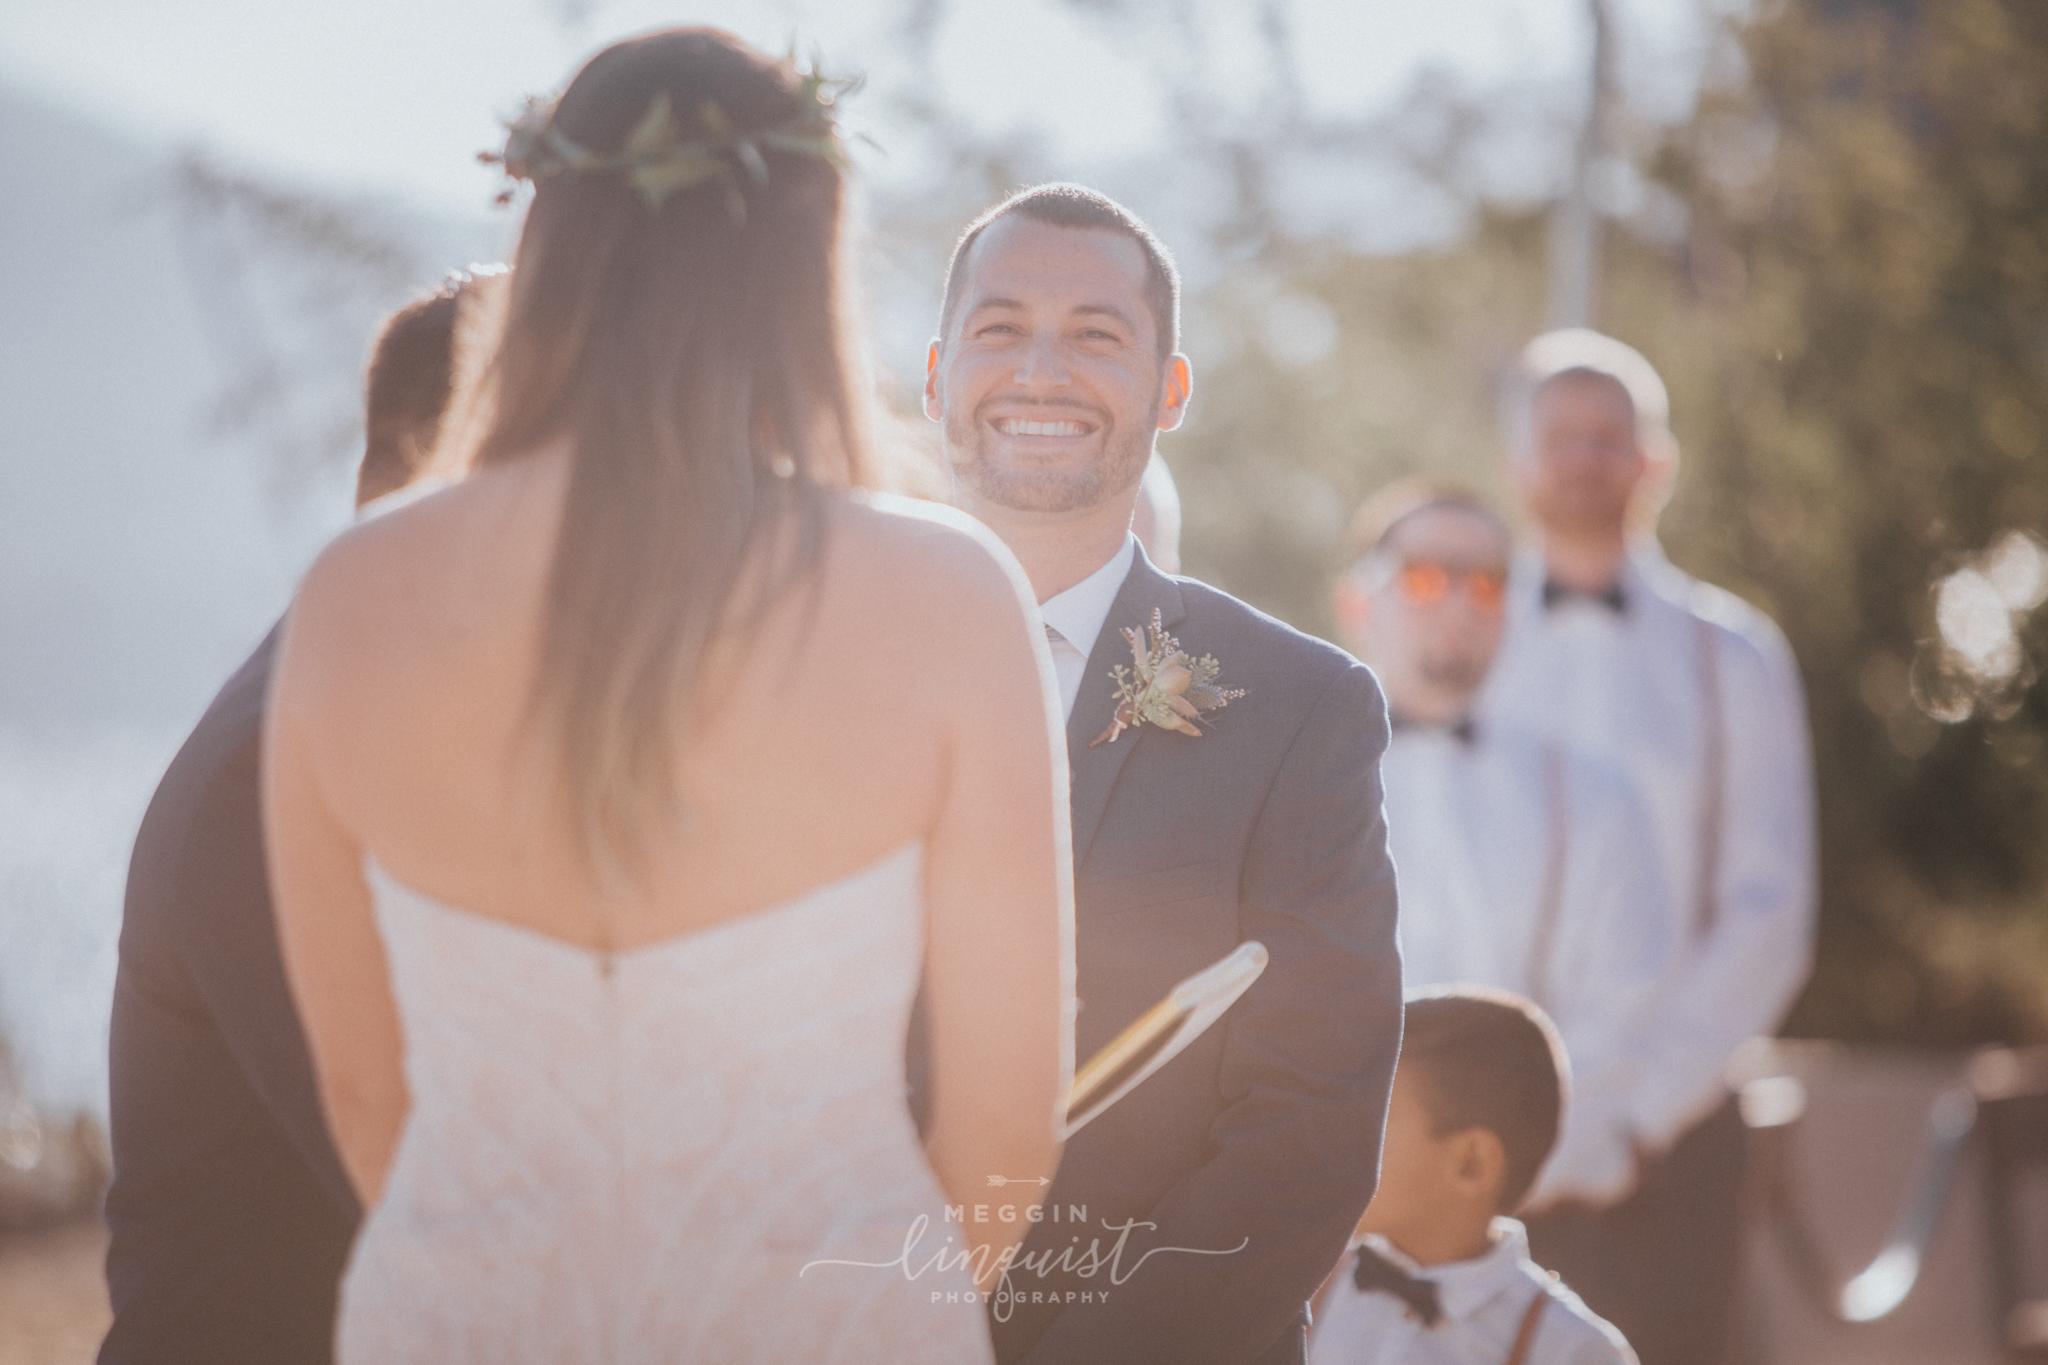 bohemian-style-lake-wedding-reno-lake-tahoe-wedding-photographer-14.jpg